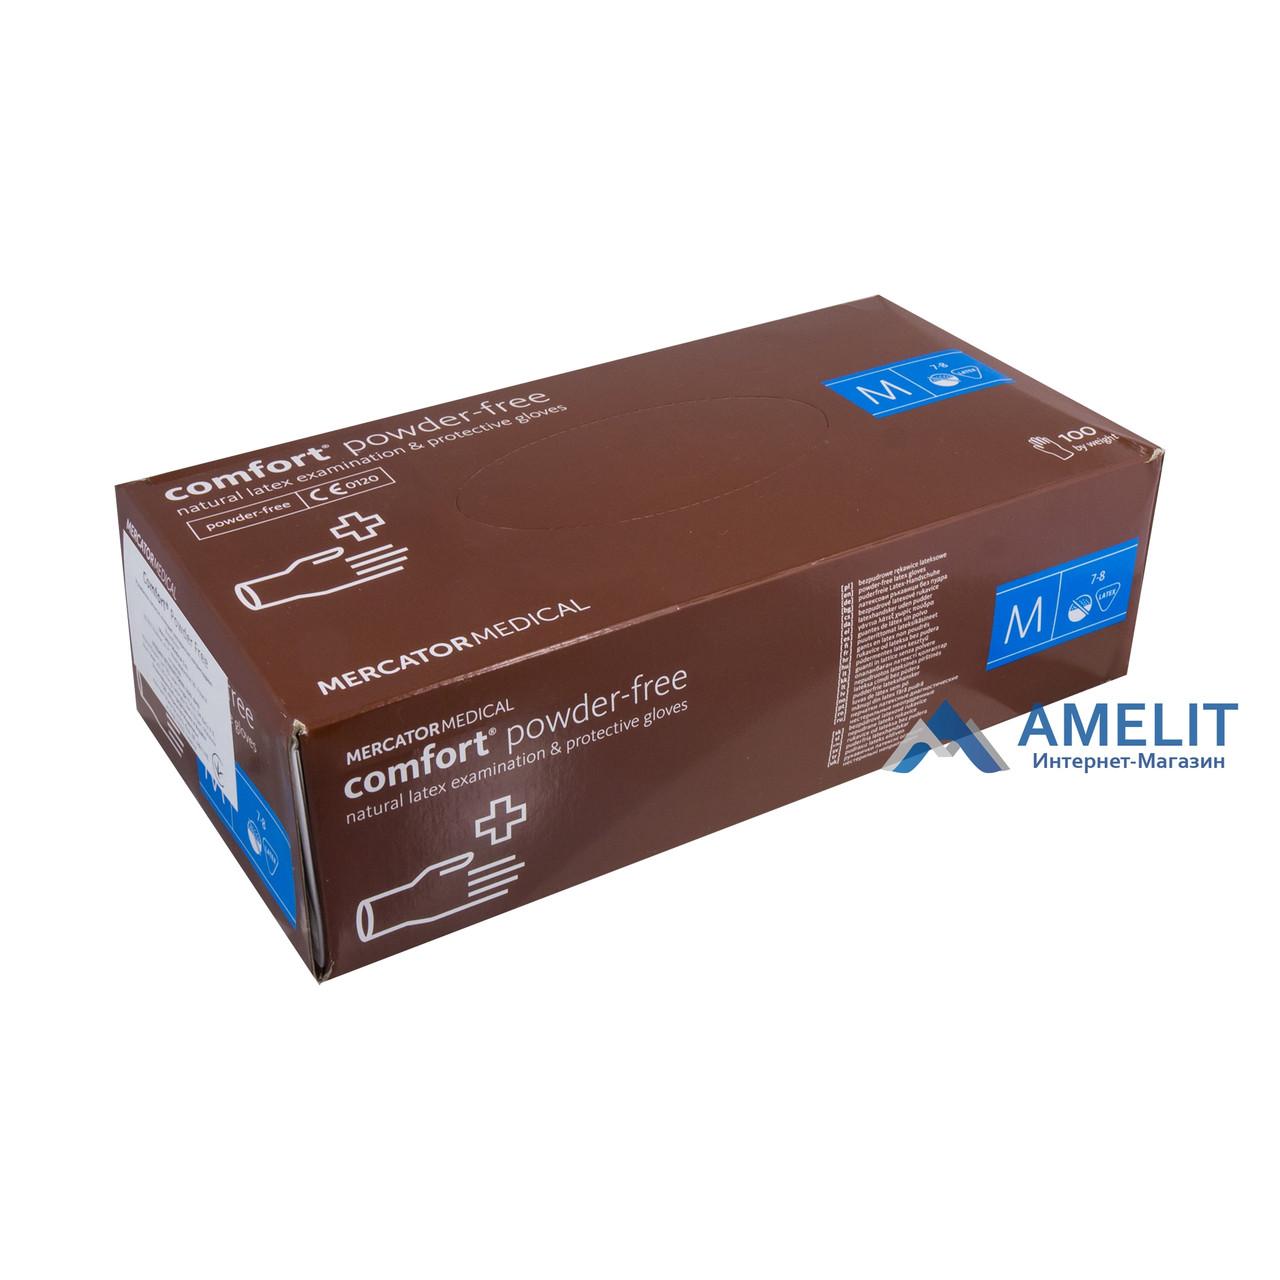 Перчатки латексные Комфорт ПФ (Comfort PF, Mercator Medical), бежевые, размер «M», 50пар/упак.